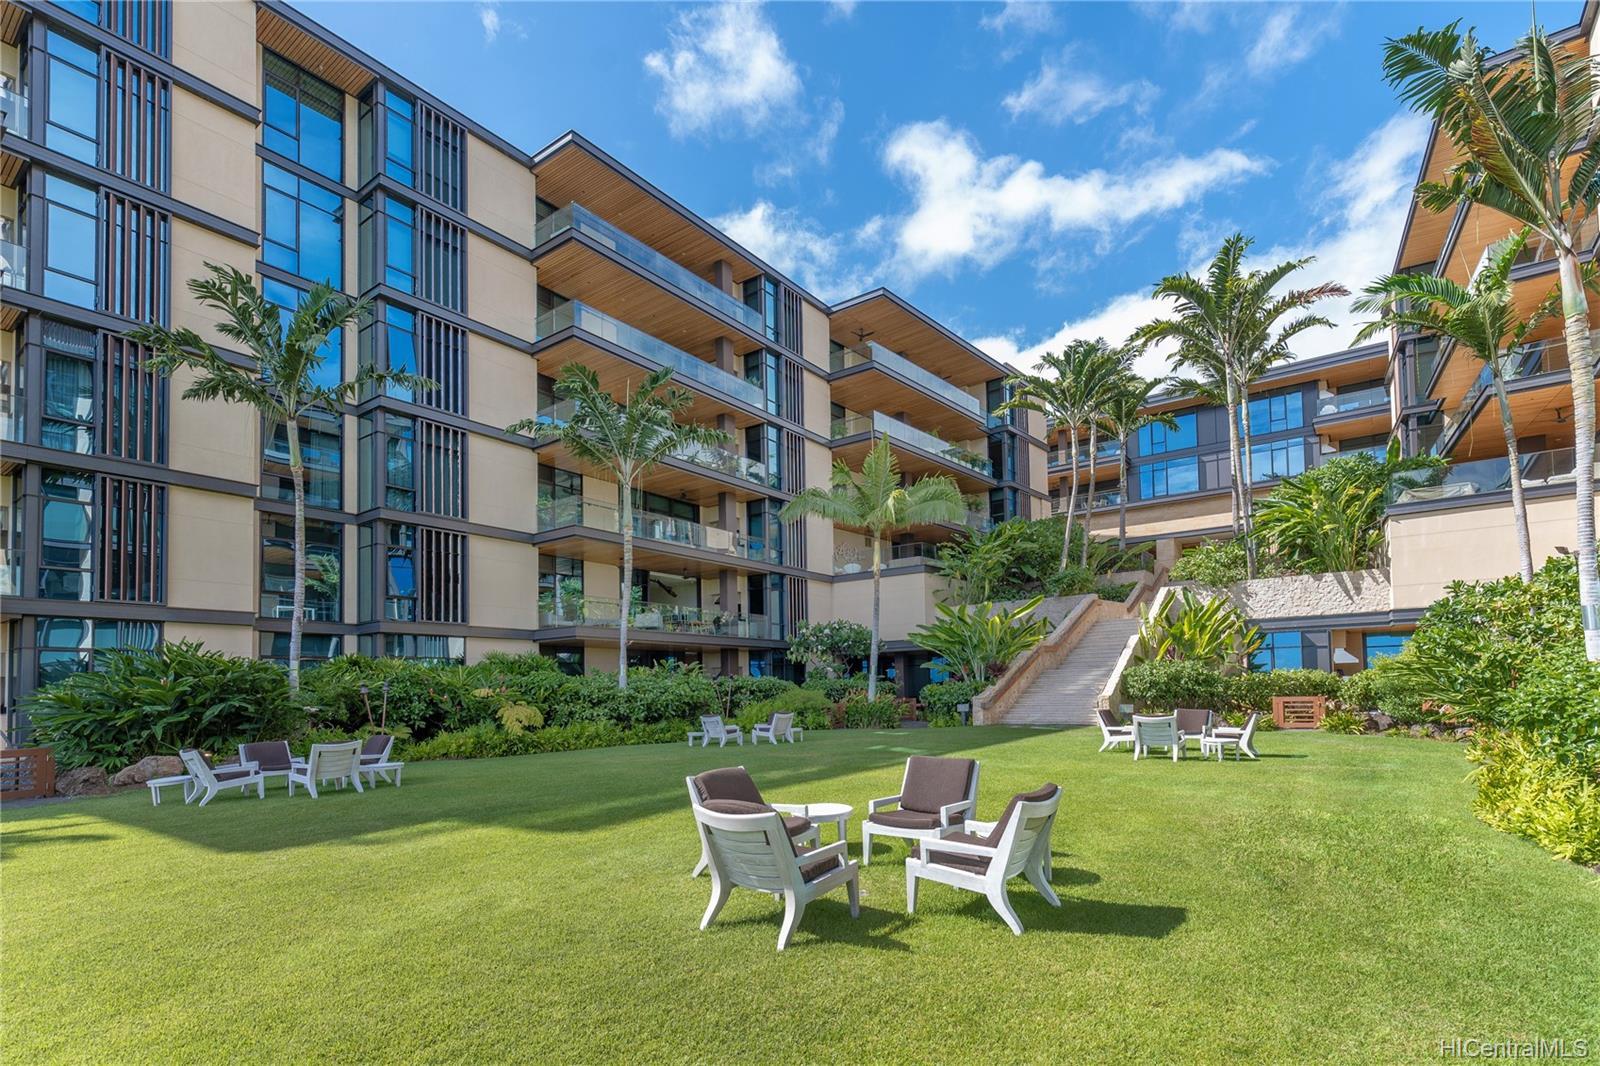 1388  Ala Moana Blvd Ala Moana, Honolulu home - photo 22 of 25